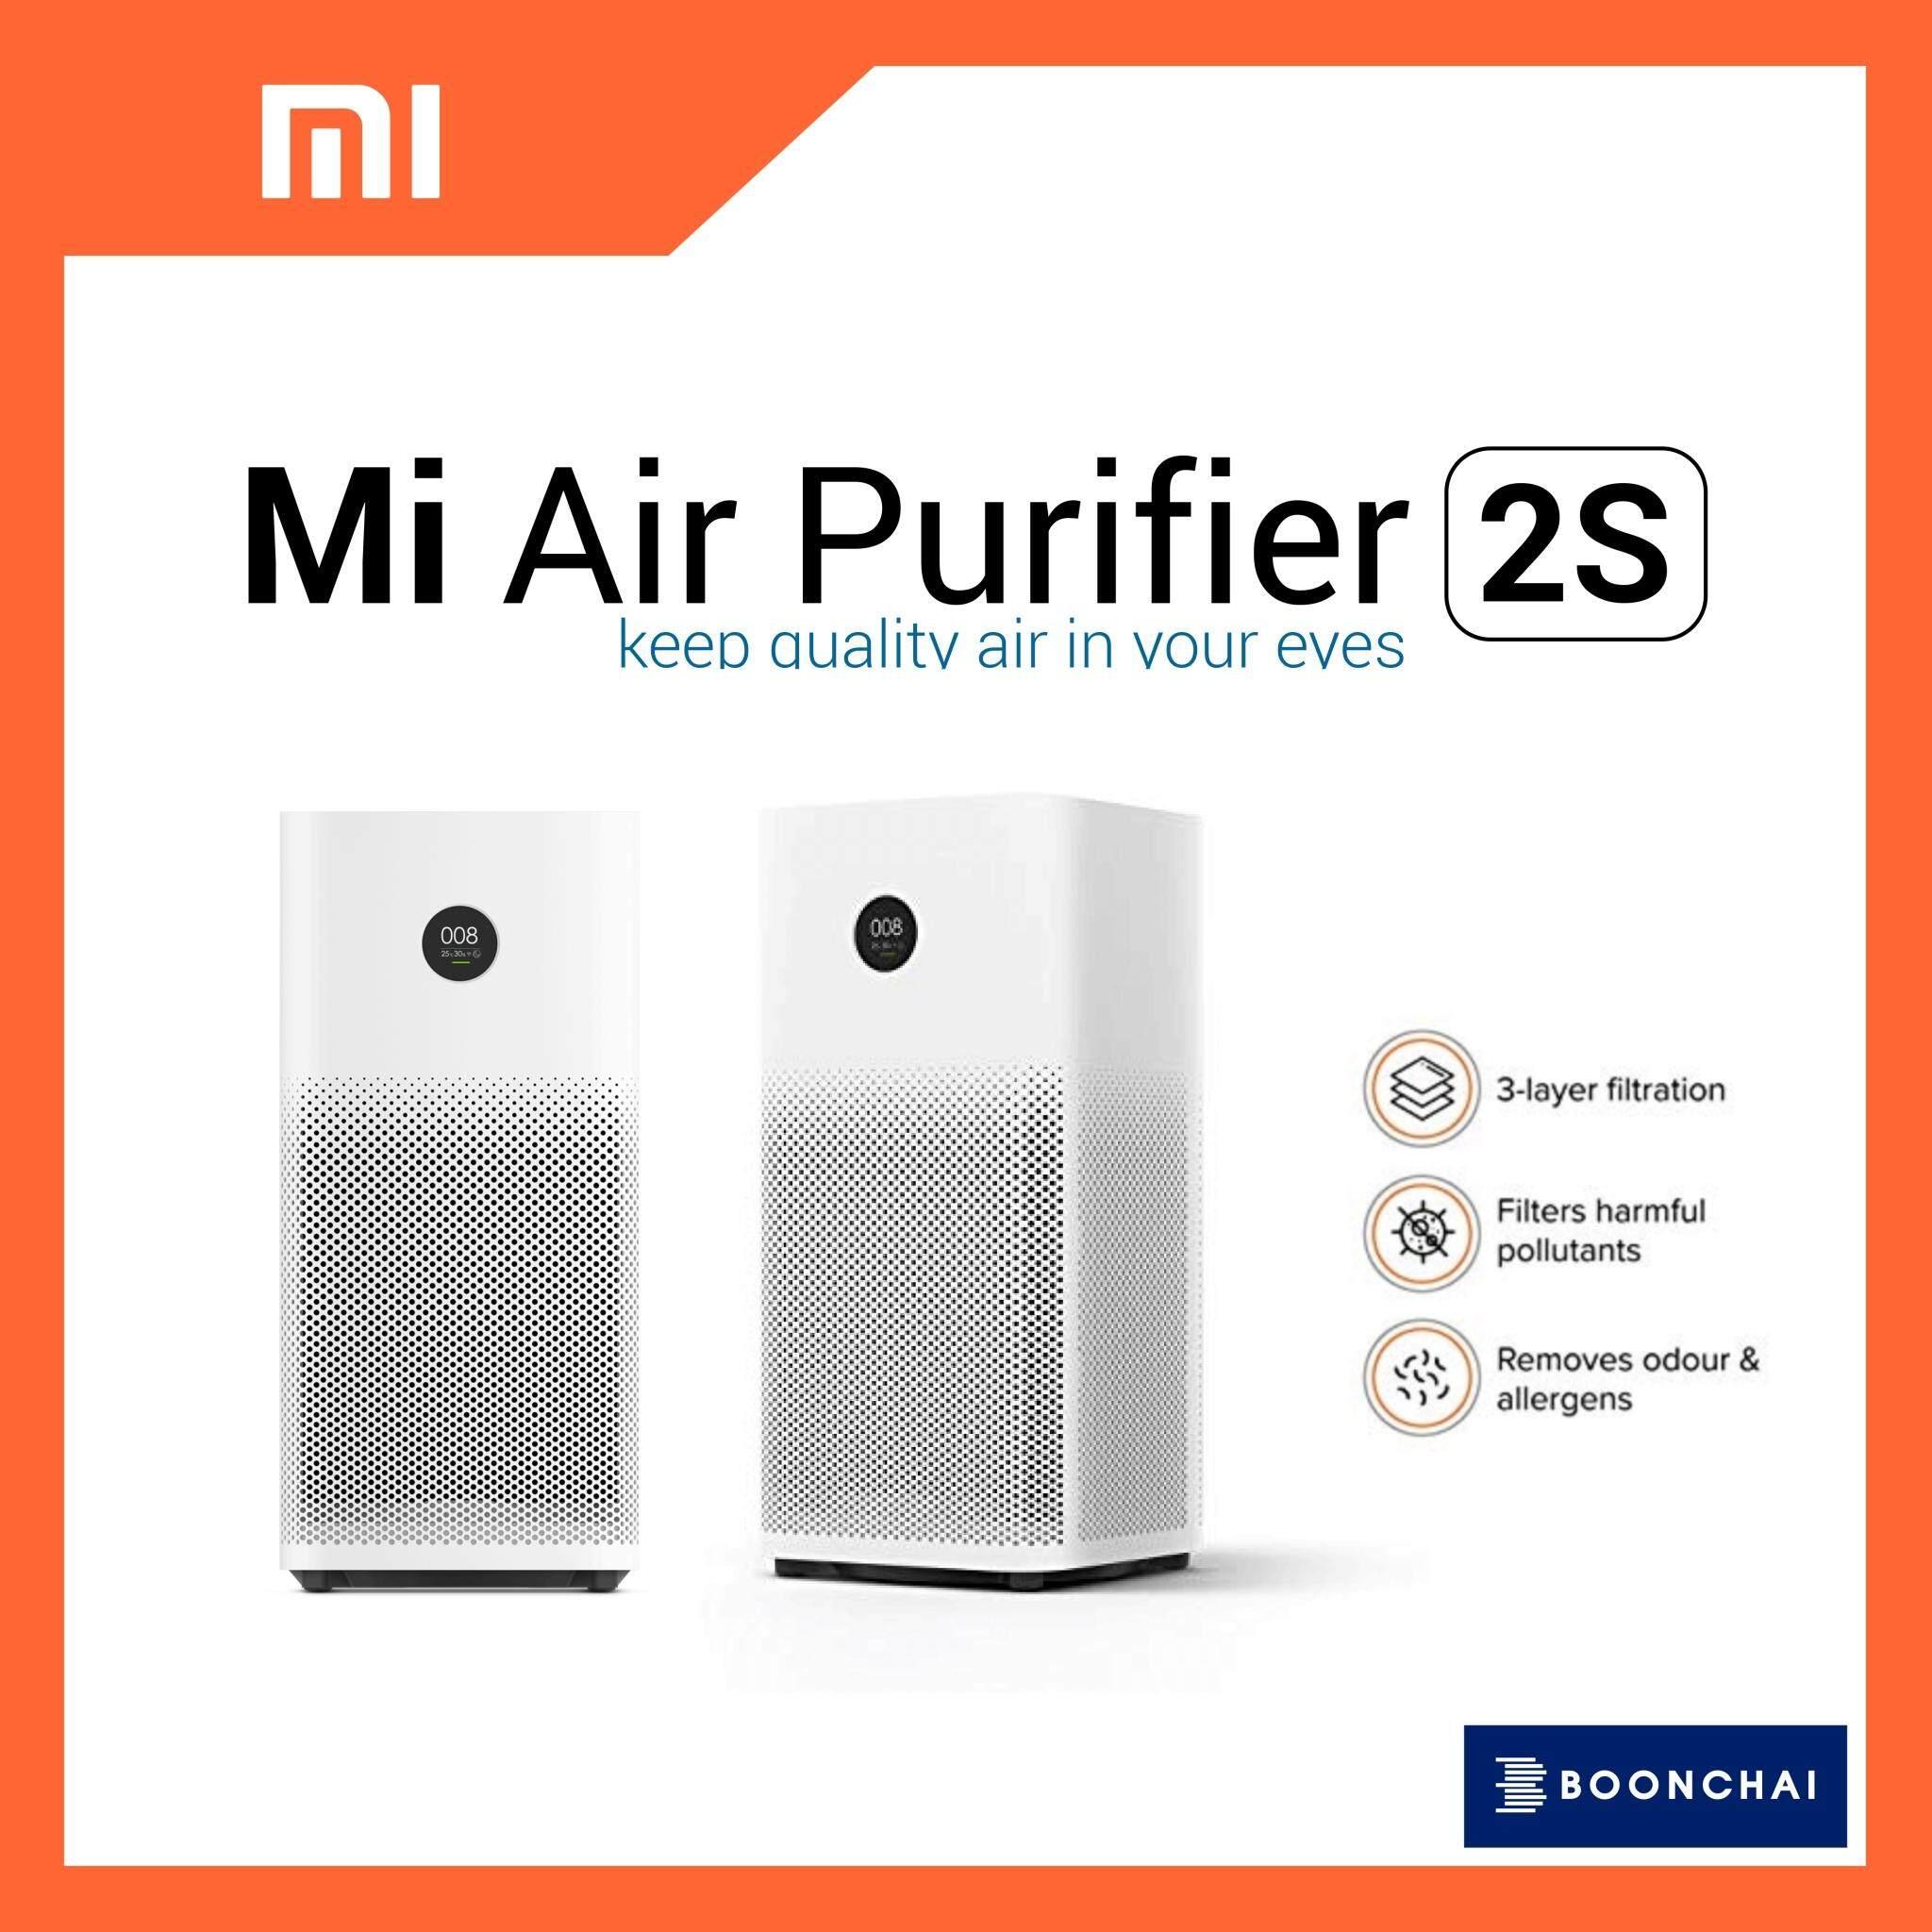 ยี่ห้อนี้ดีไหม  สุราษฎร์ธานี Xiaomi Mi Air Purifier 2s - เครื่องฟอกอากาศ รับประกัน 1 ปี